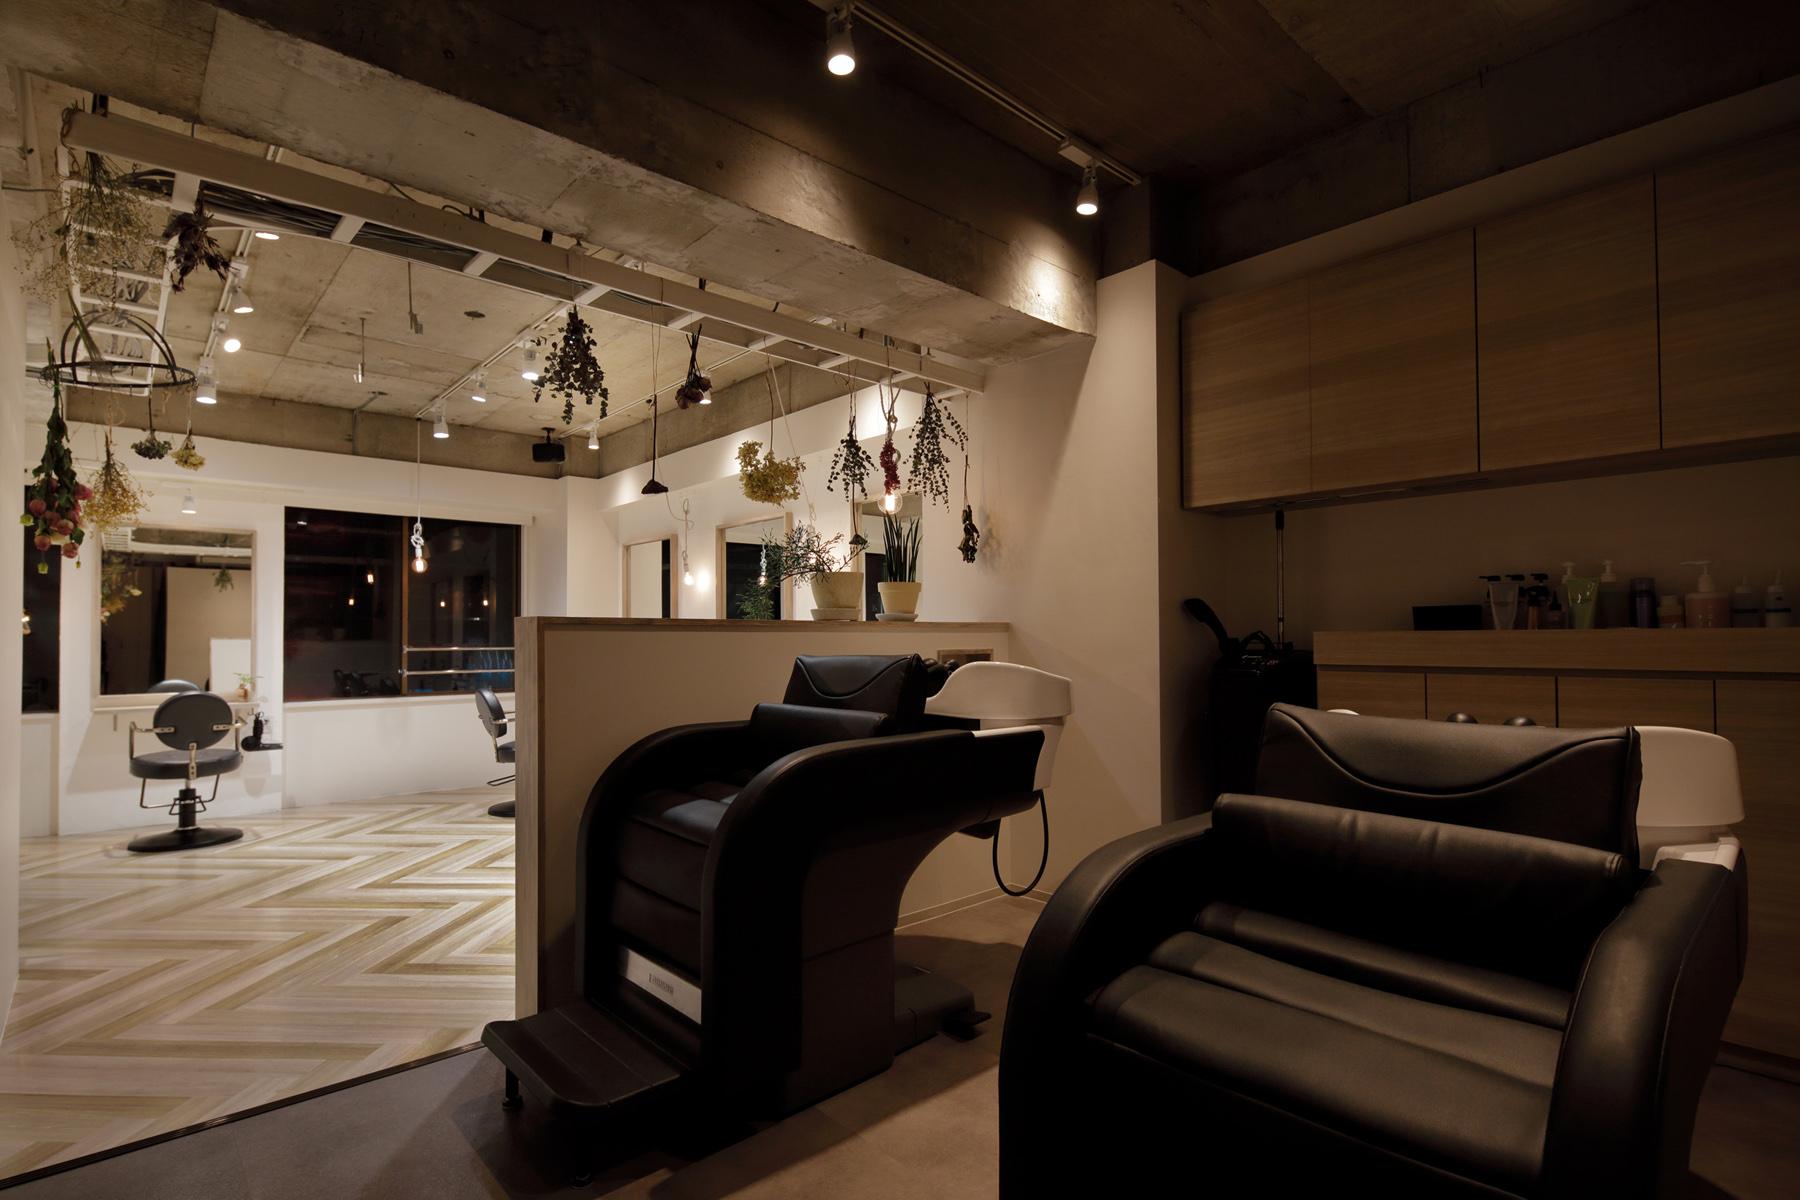 東京の美容室aisシャンプースペースデザイン